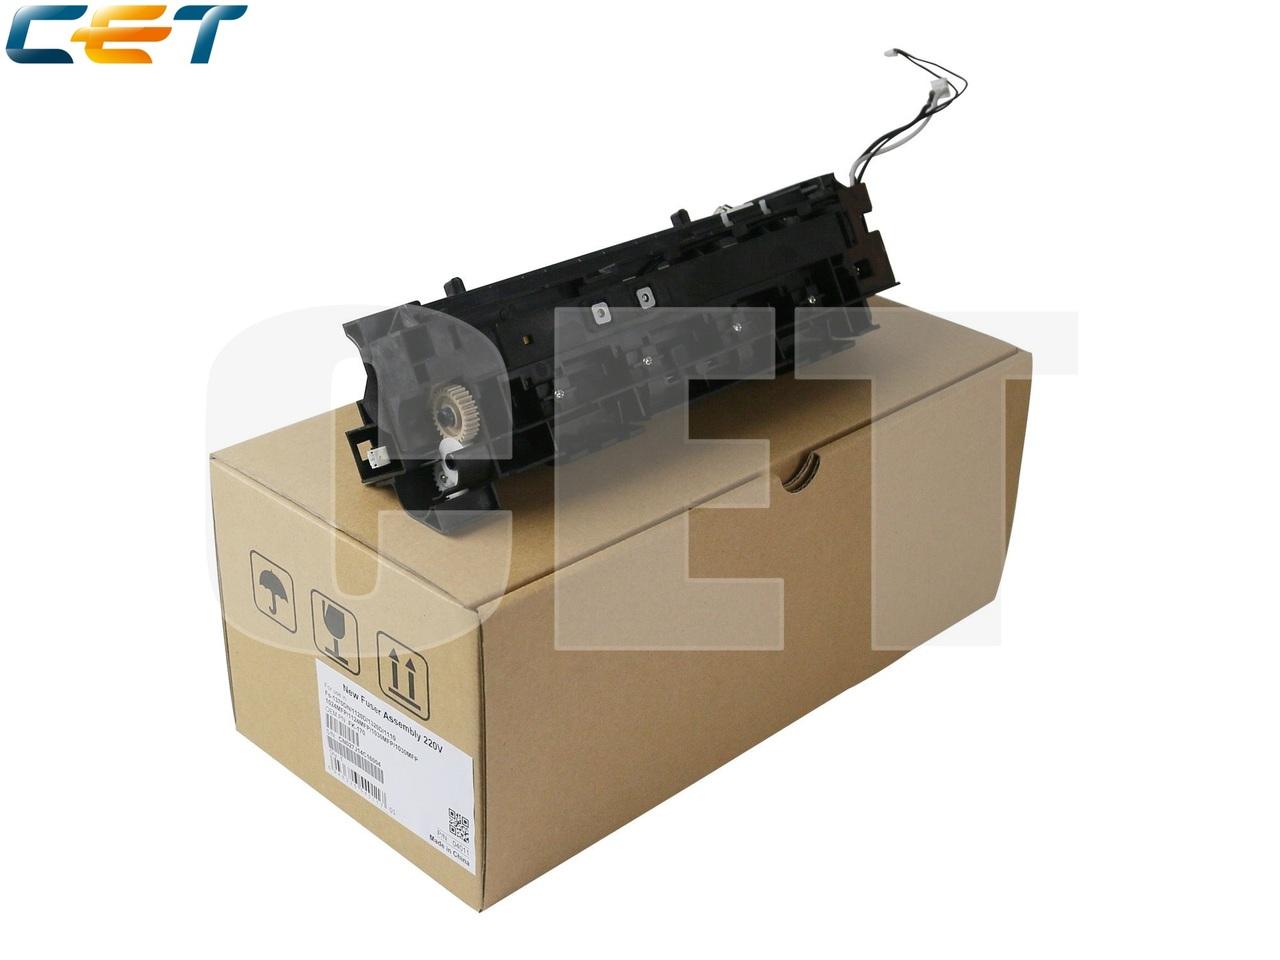 Фьюзер (печка) в сборе FK-150, FK-170 для KYOCERAFS-1120D/1320D/1030MFP/1035MFP (CET), CET4011